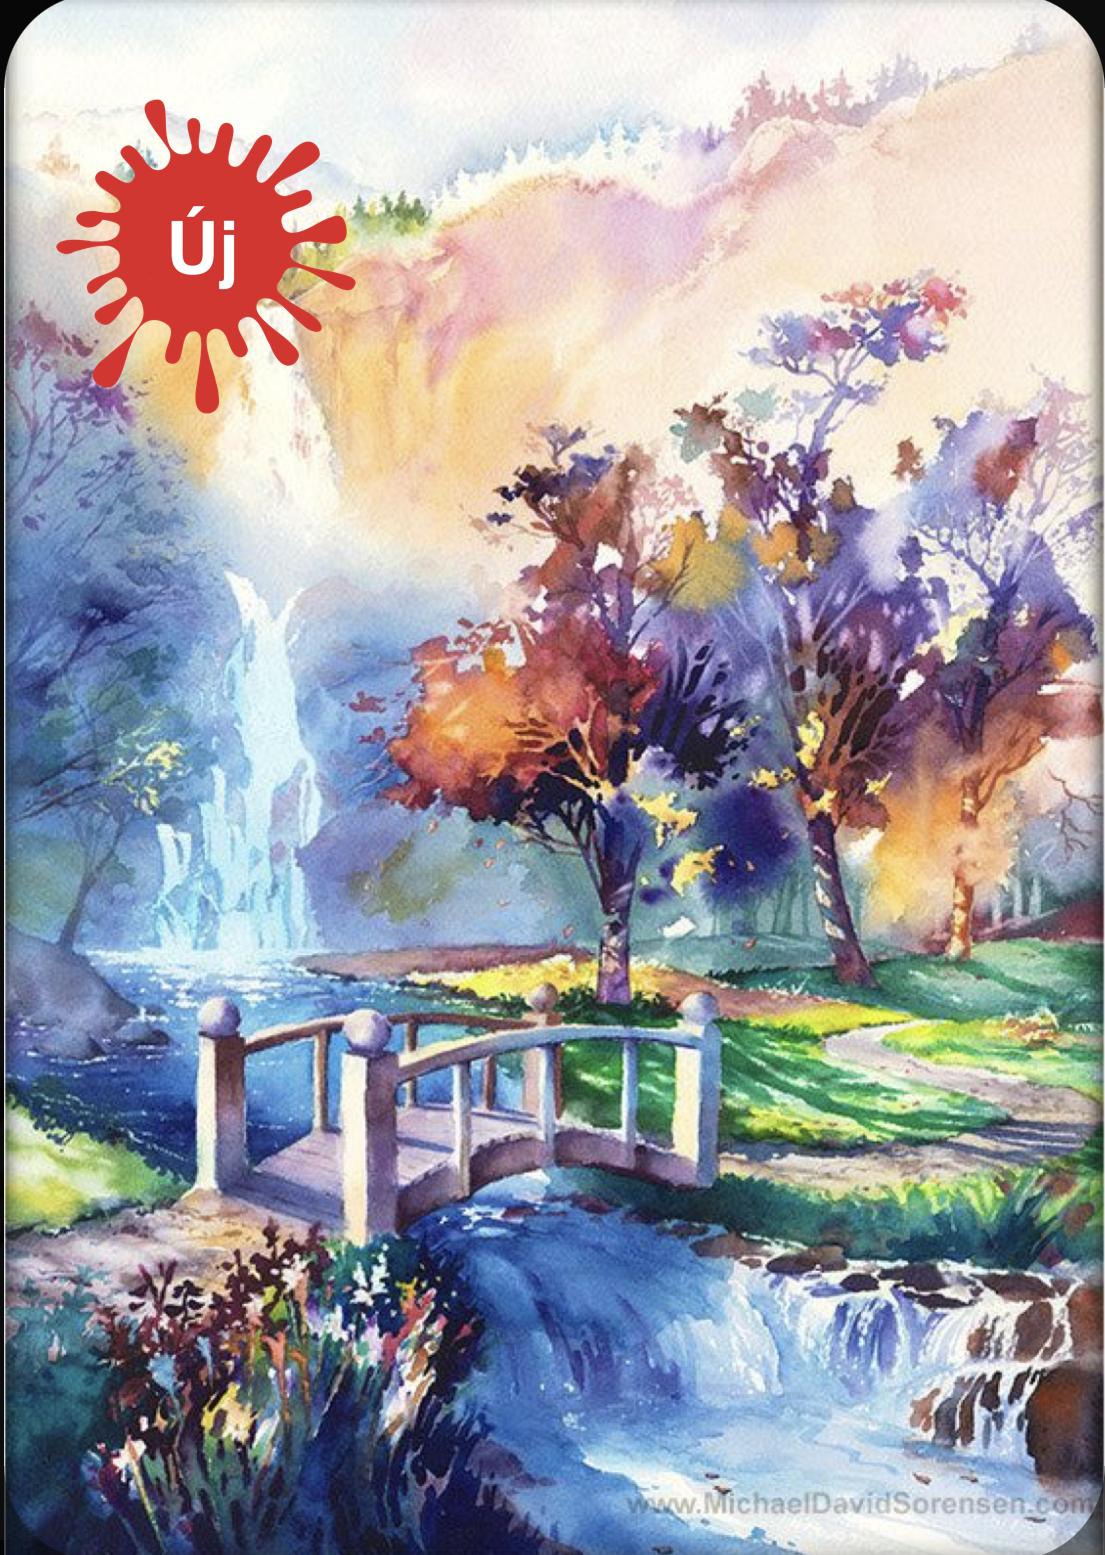 YourArt - Színes táj - kis híddal - Otthoni élményfestő szett